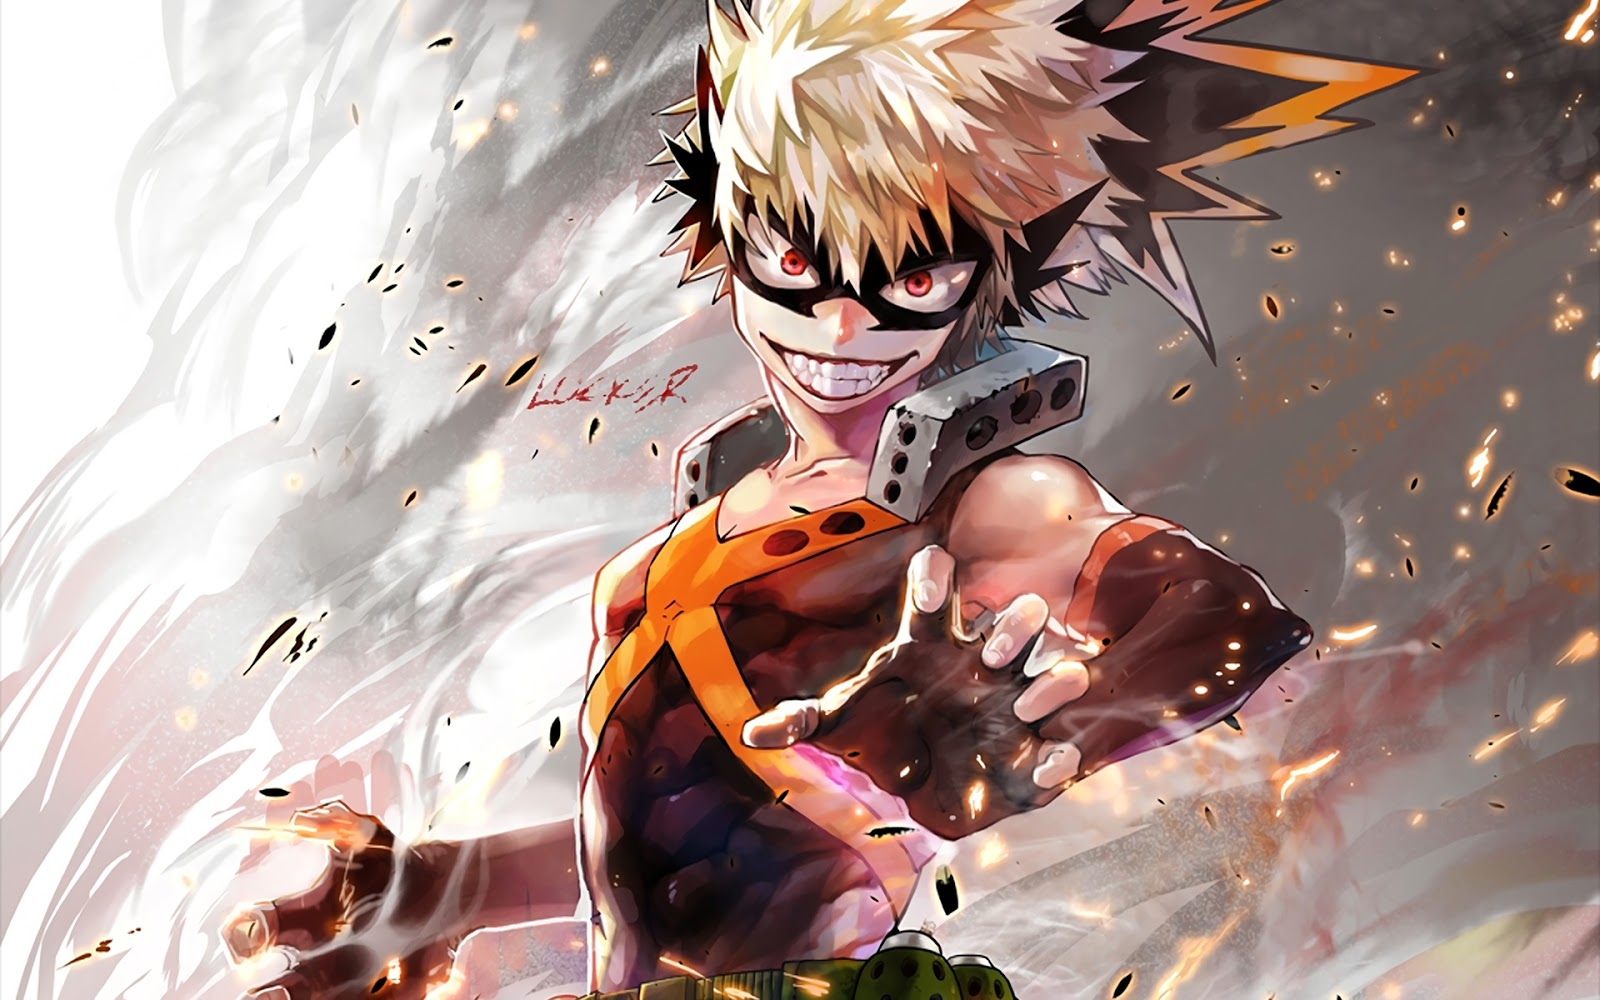 Katsugi Bokugo Boku No Hero Academia Wallpaper HD - Aniwallz